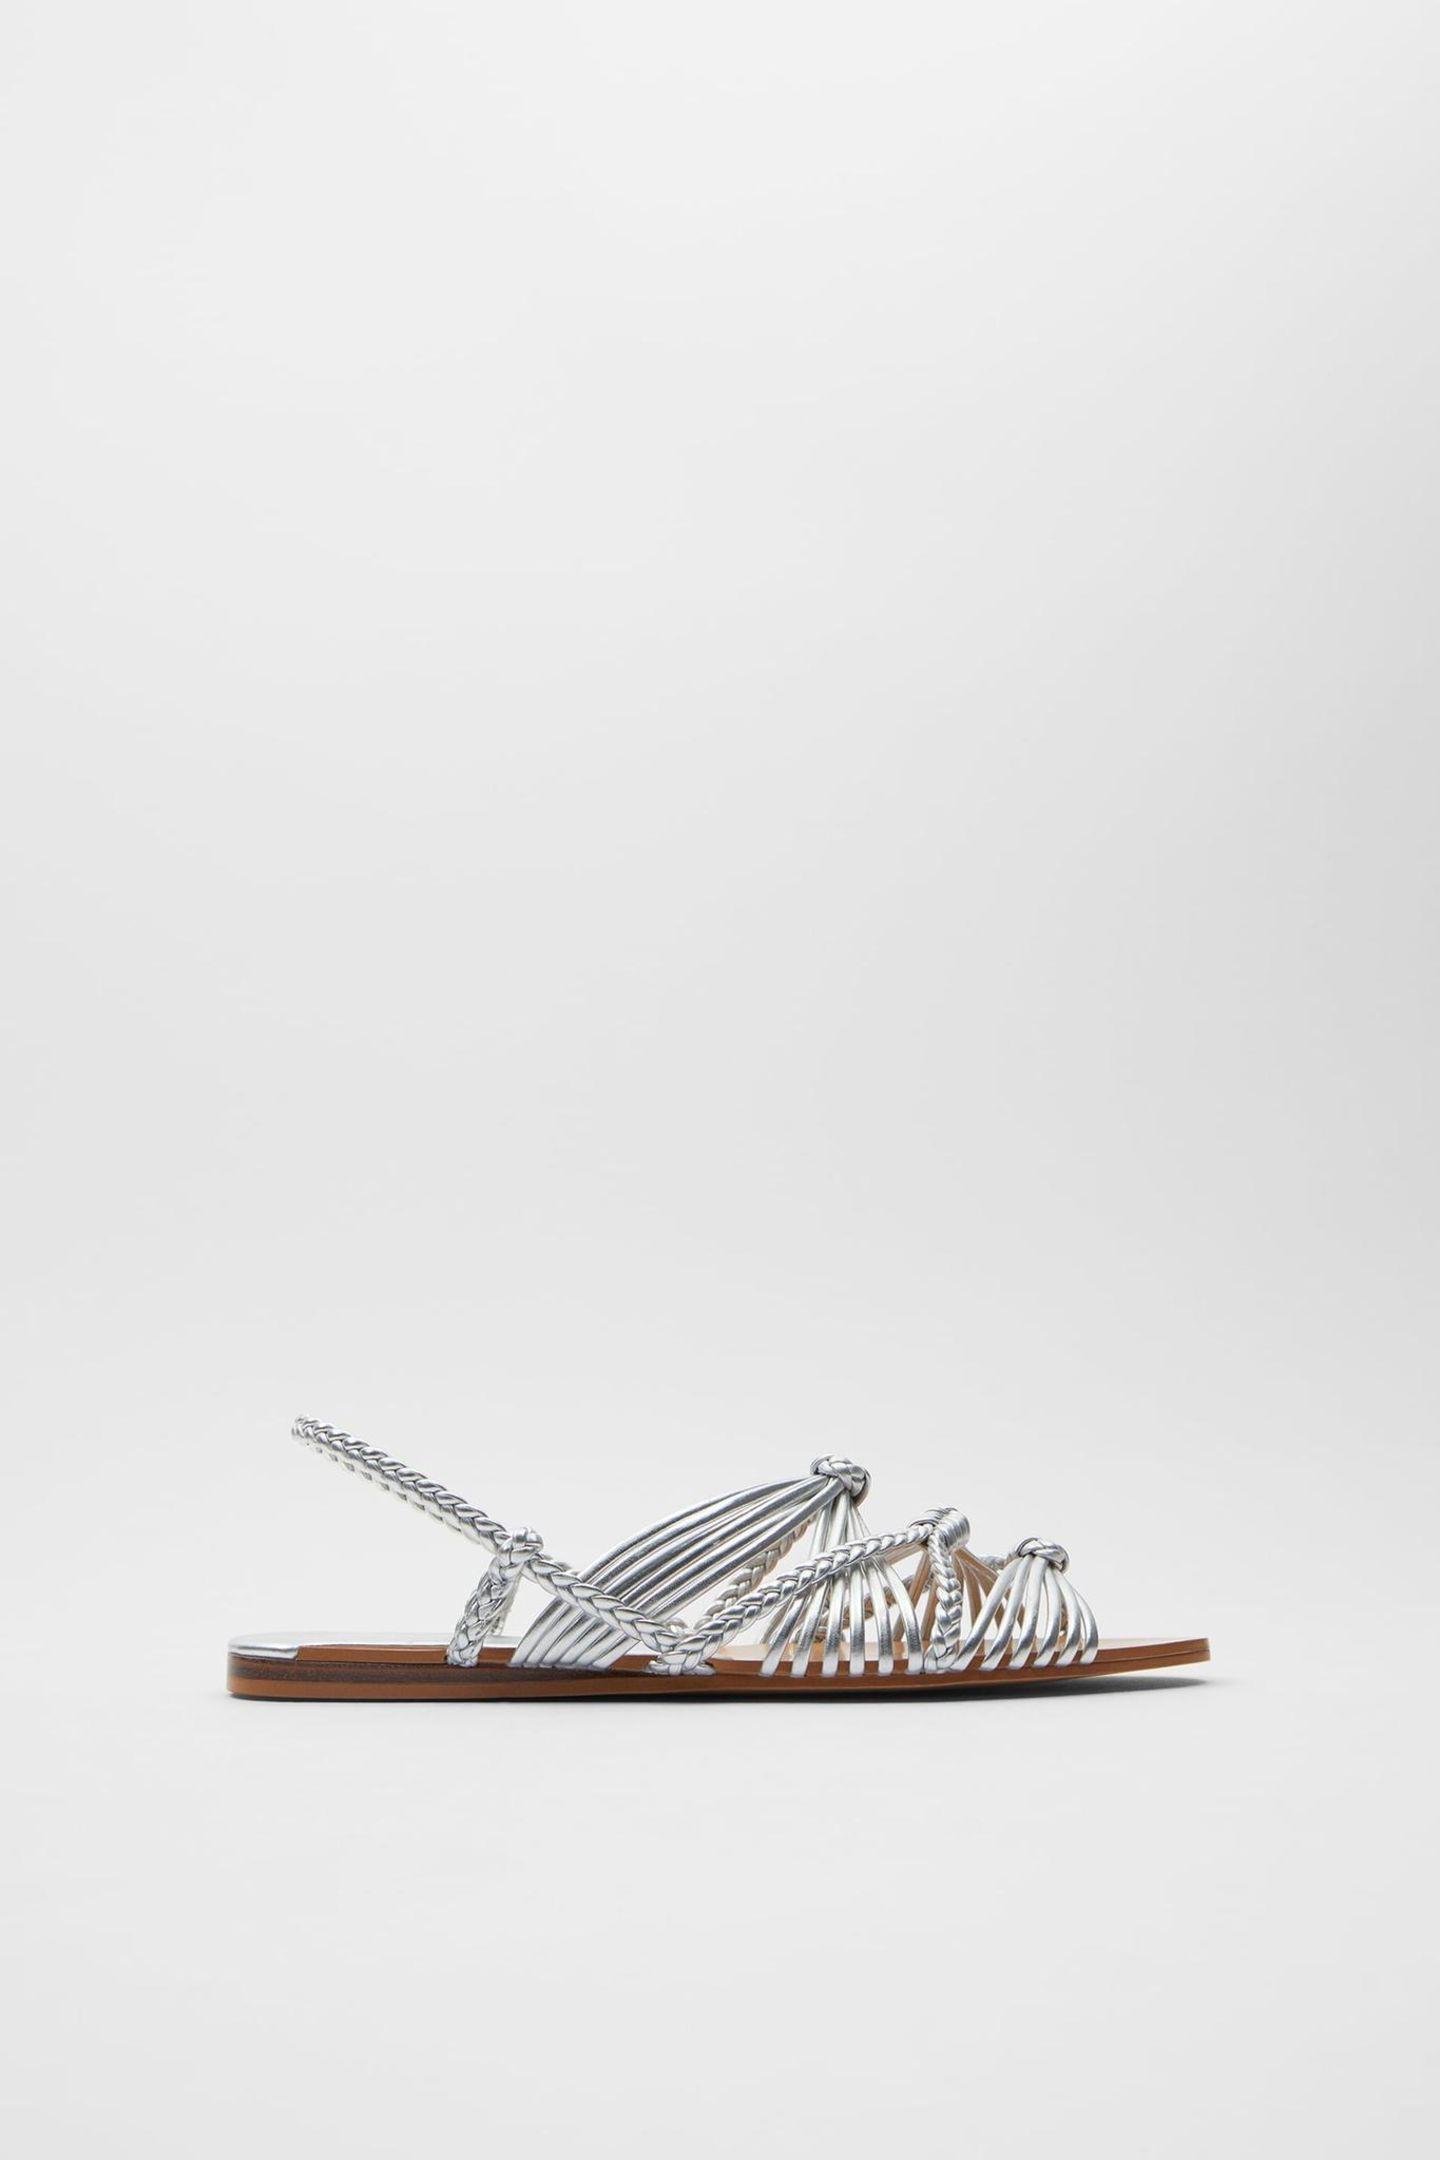 Flache Sommerschuhe: Silberene Sandalen